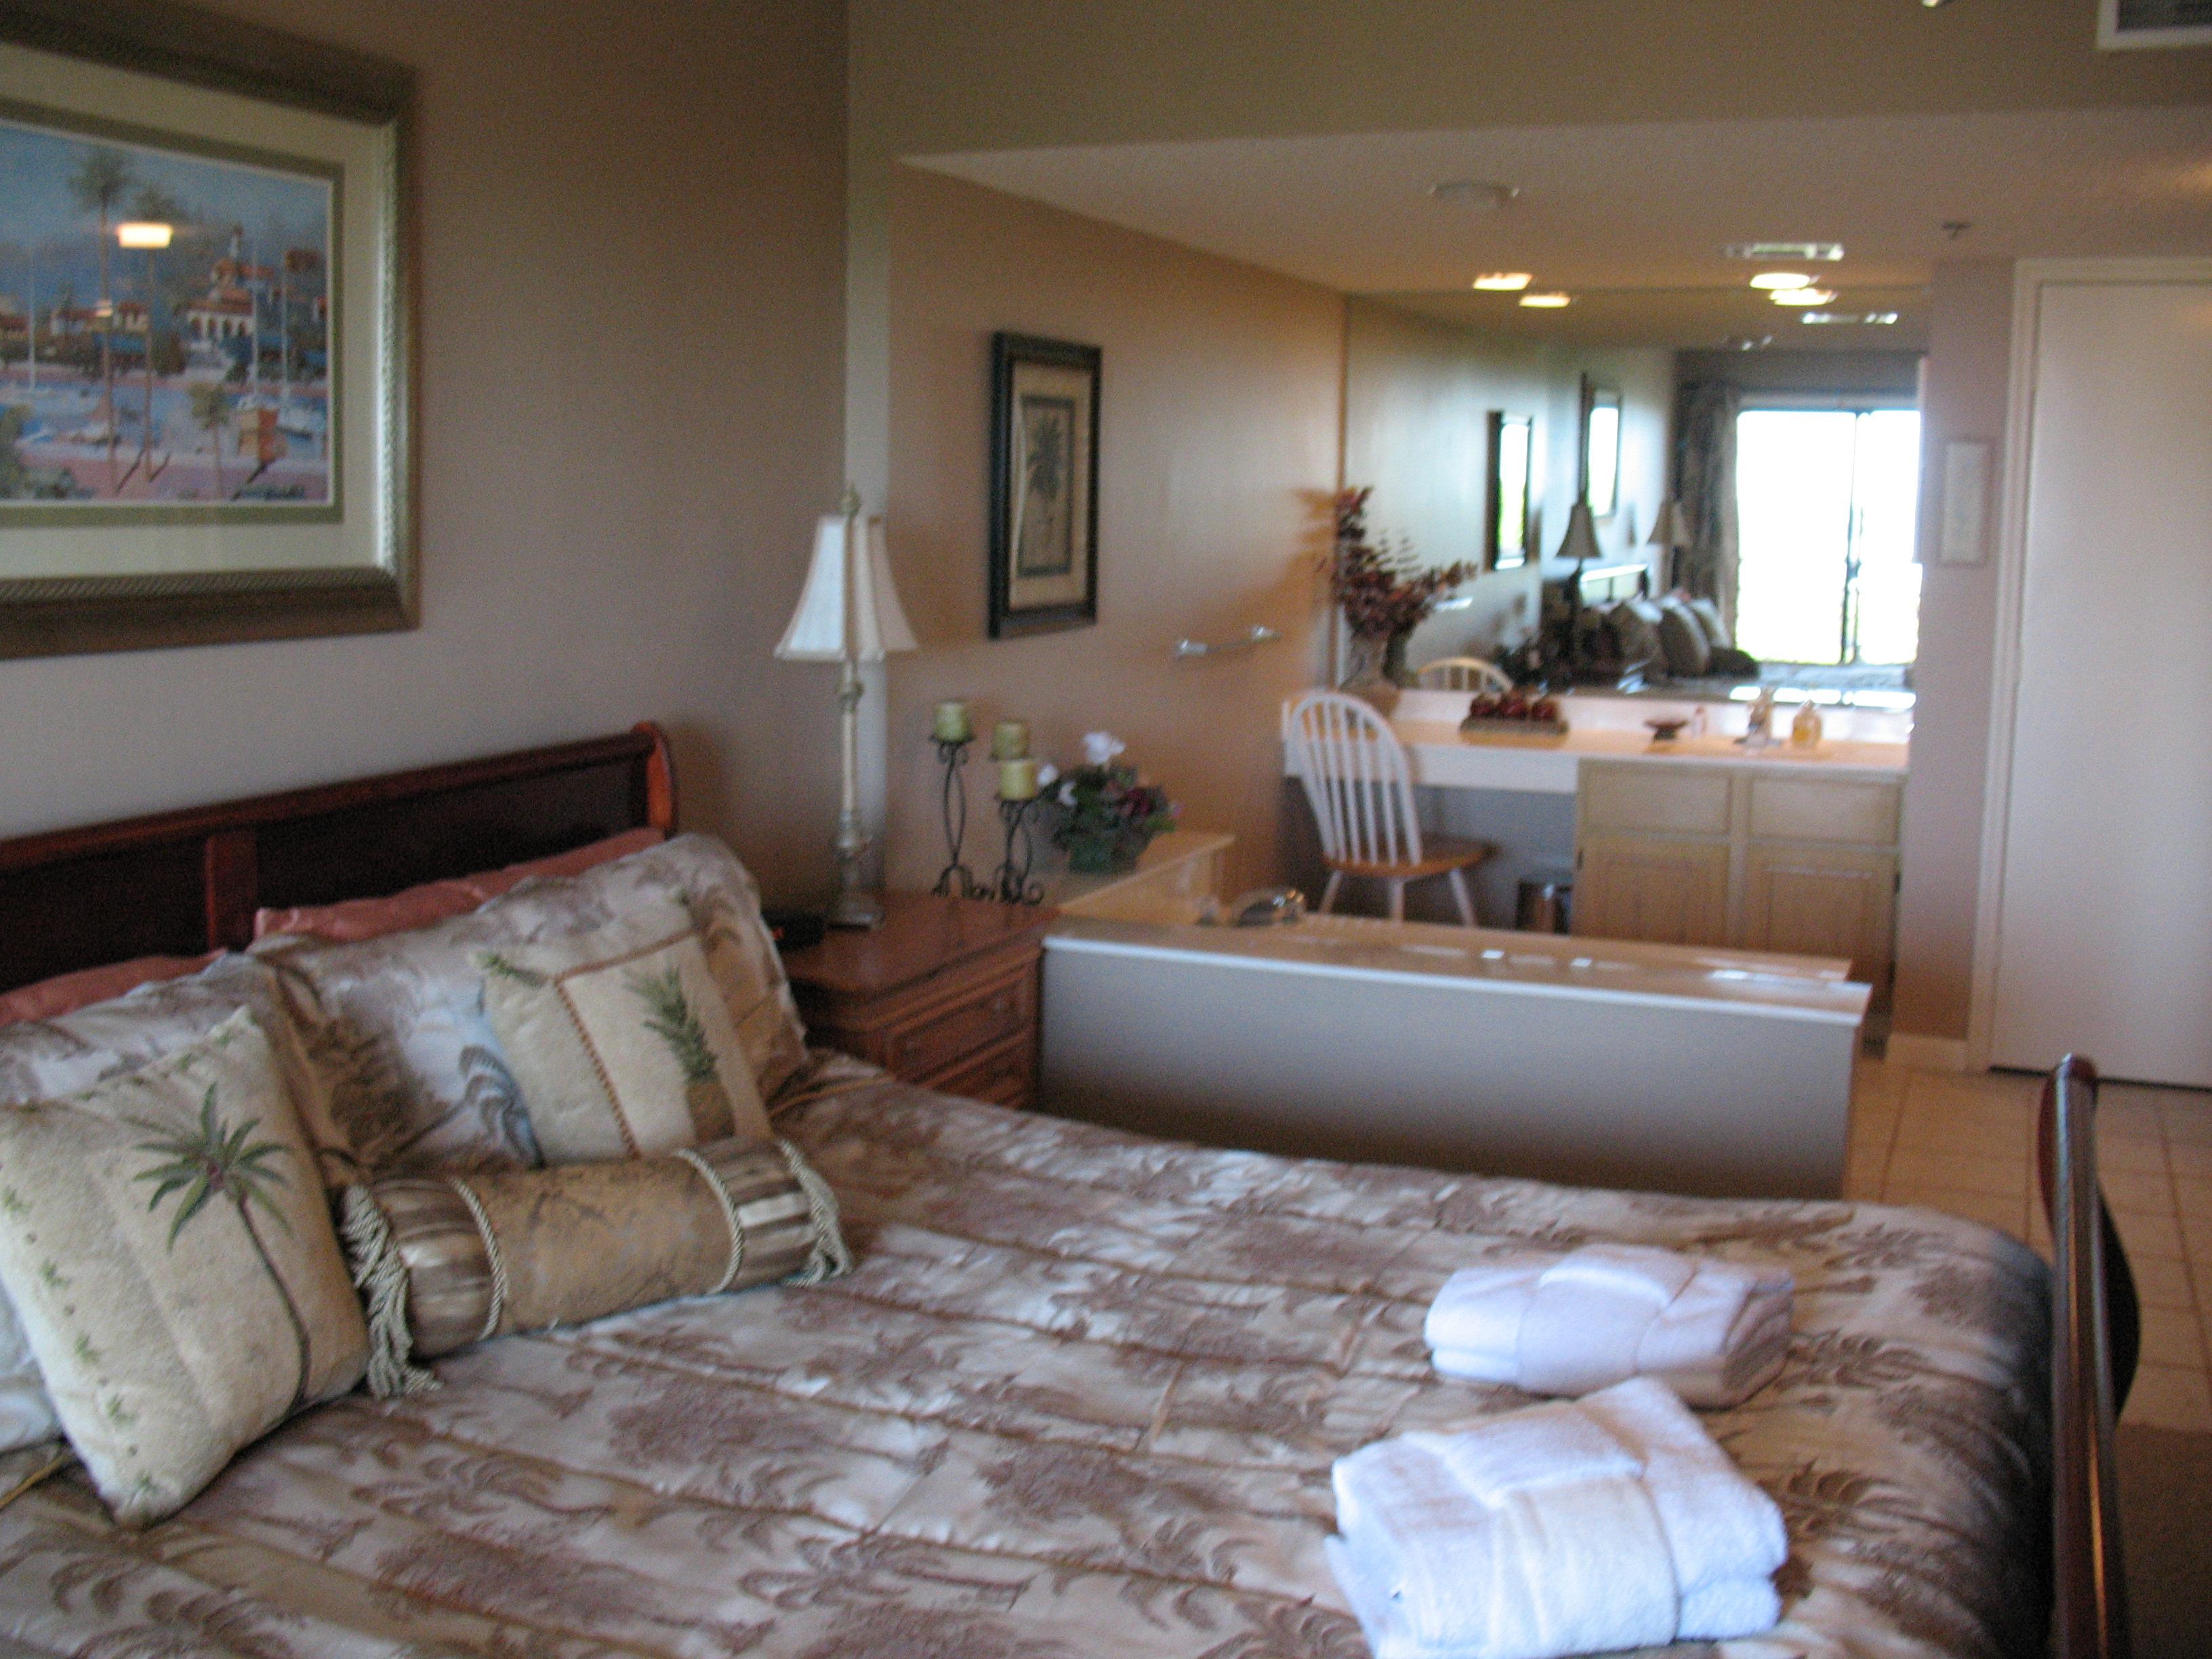 Villamare Villas Resort at Palmetto Dunes